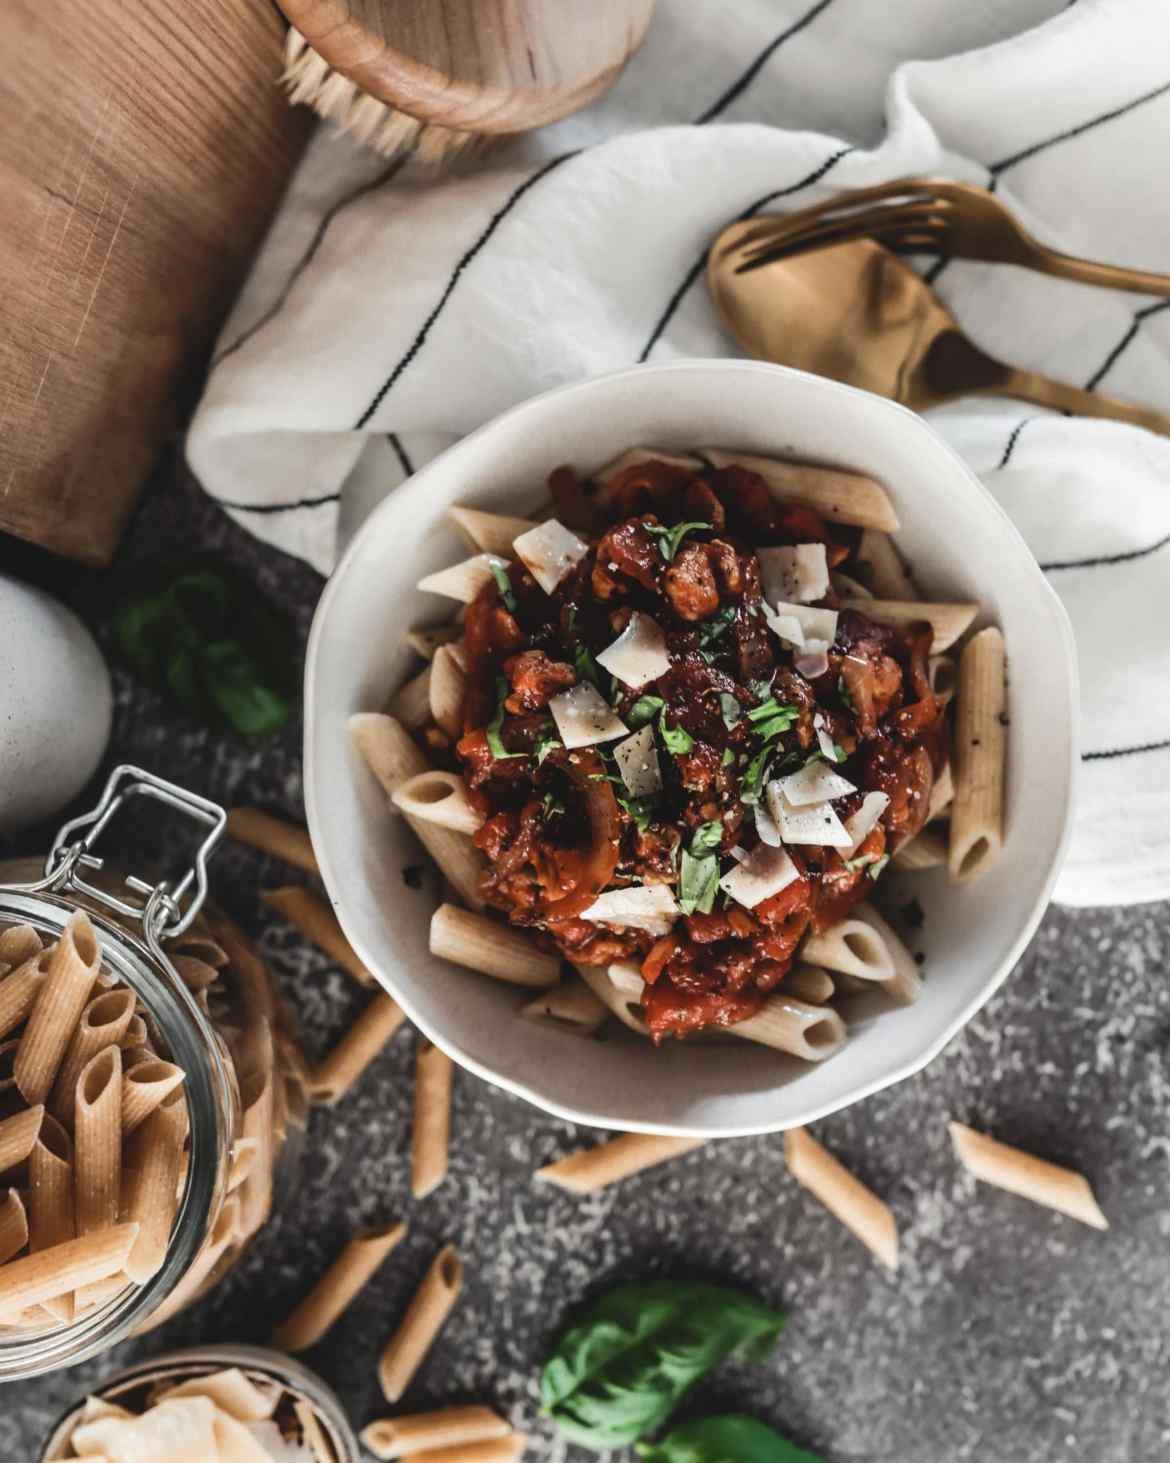 Recette pâtes sauce bolognaise végétale